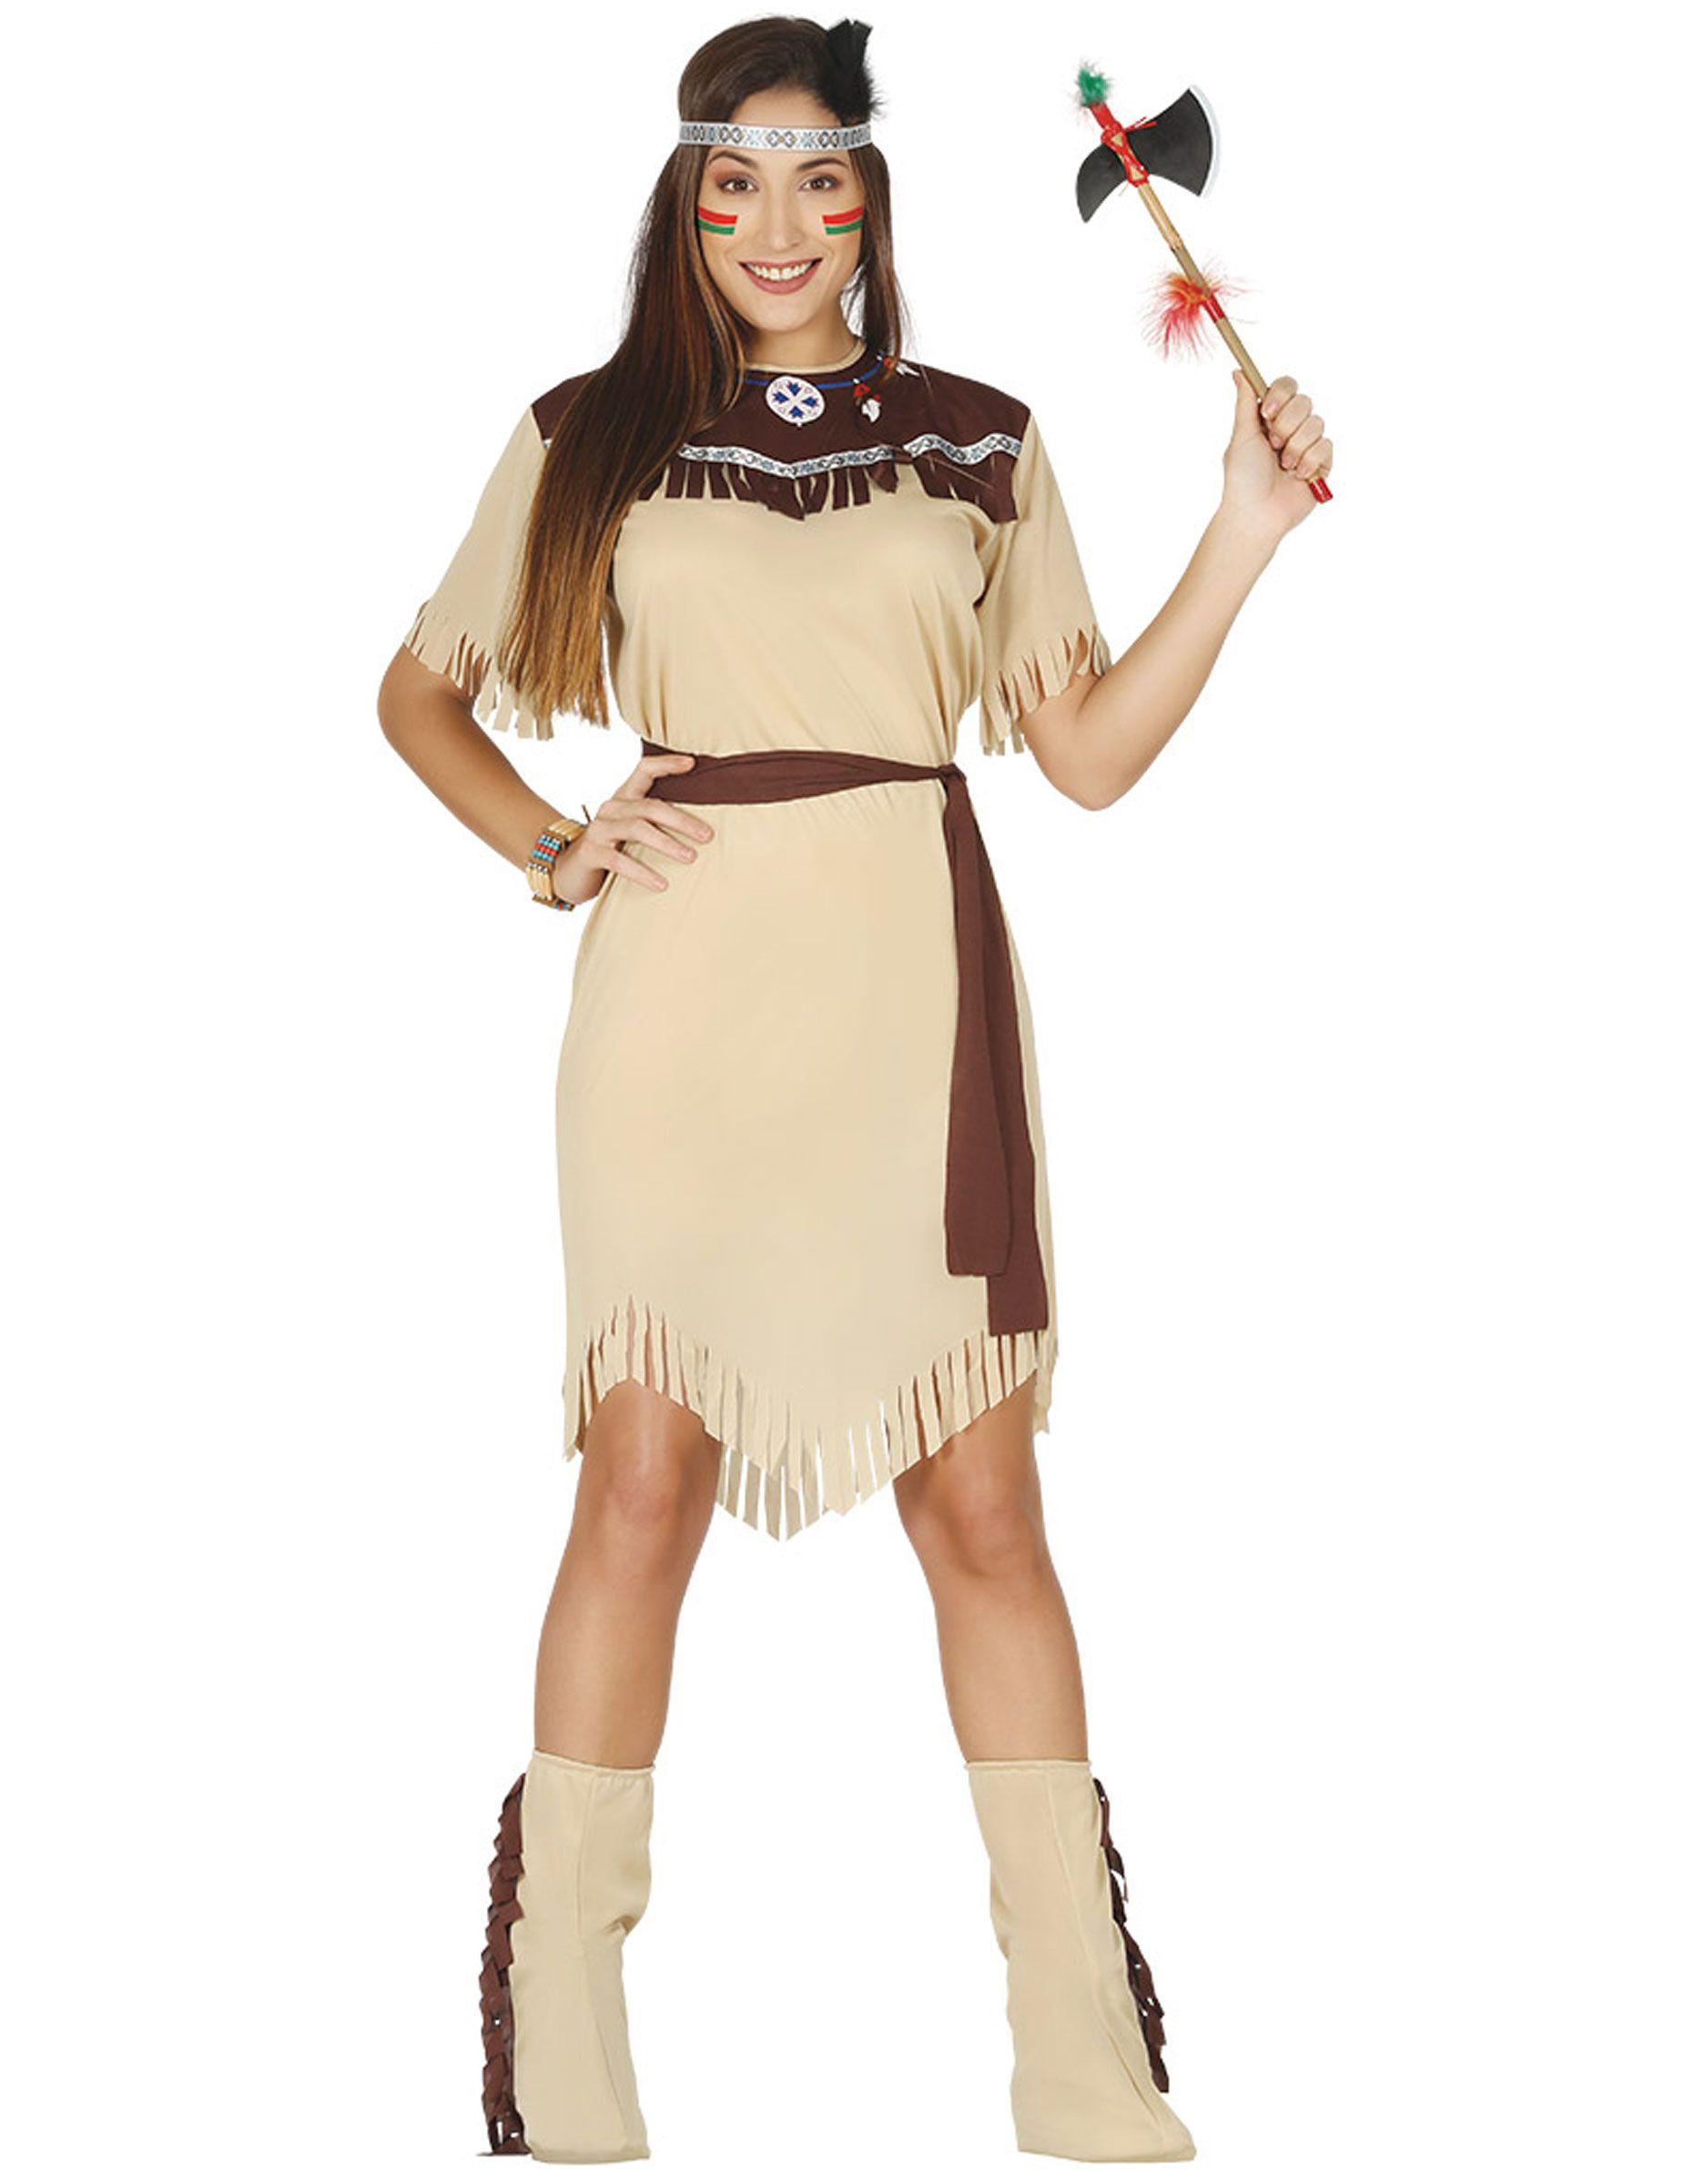 f9c0263e6b30 Costume da Indiana d America beige per donna  Questo travestimento da  Indiana beige per